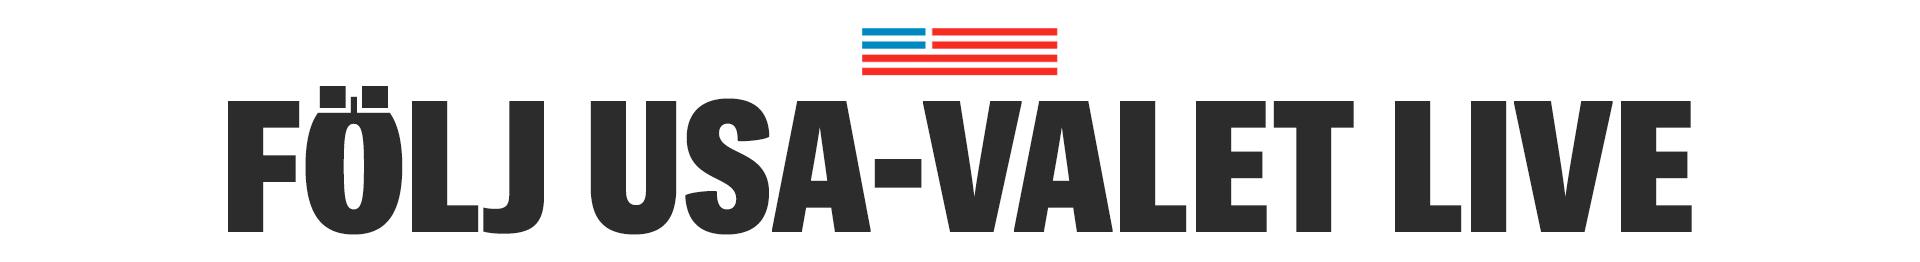 Följ USA-valet direkt med Expressen